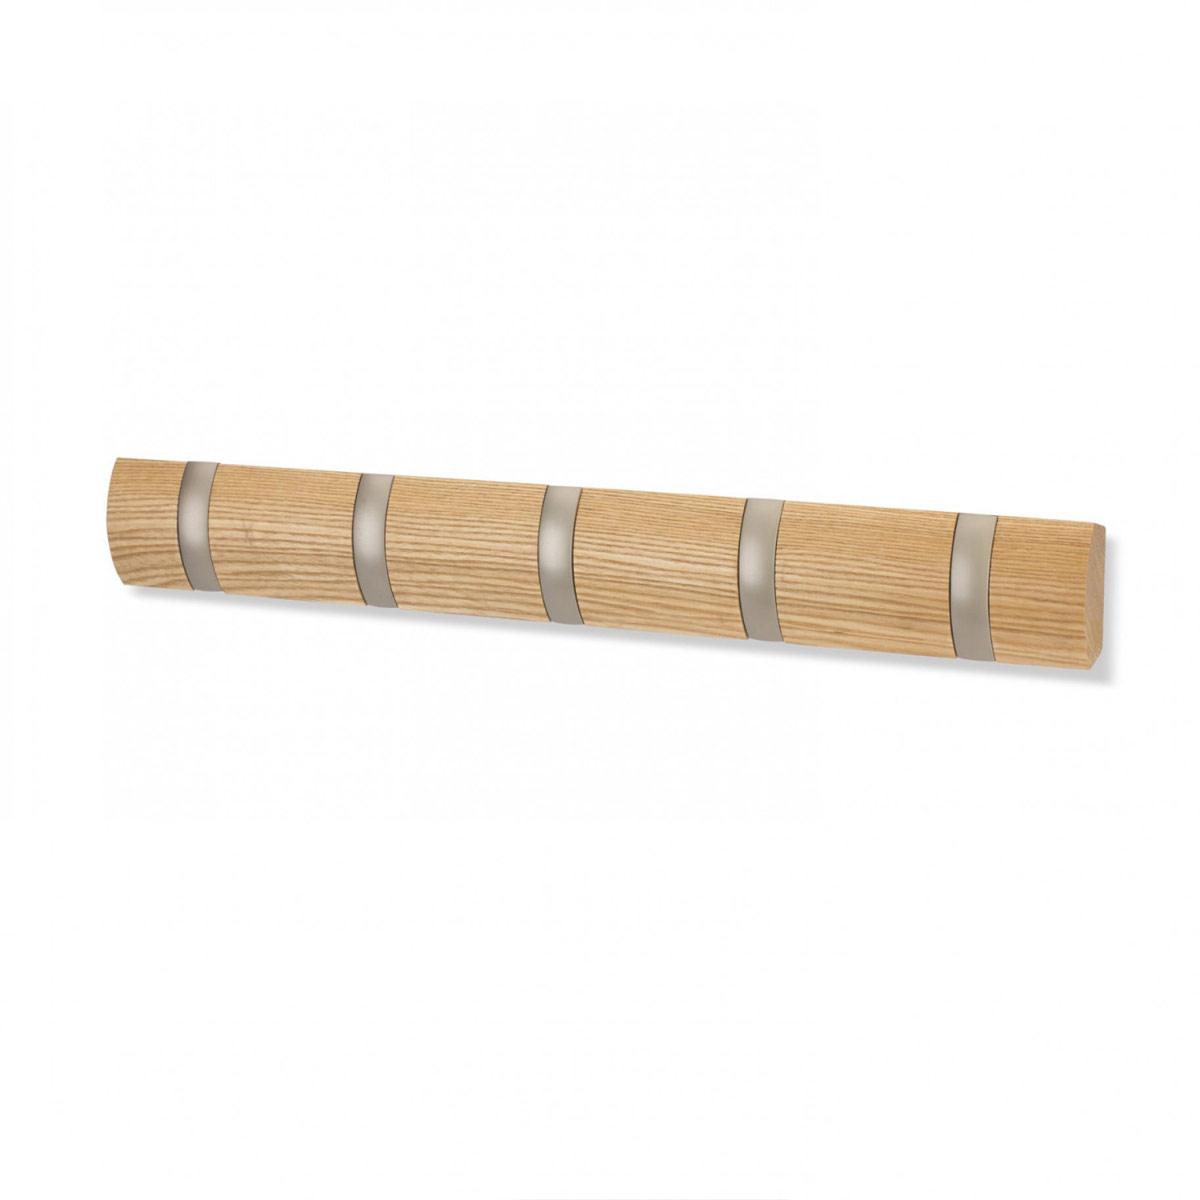 Вешалка настенная Umbra Flip, цвет: бежевый, 5 крючков318850-390Стильная и прочная вешалка Umbra Flip интересной формы и оригинального дизайна изготовлена из дерева. Имеет 5 откидных крючков из никеля: когда они не используются, то складываются, превращая конструкцию в абсолютно гладкую поверхность. Вешалка Umbra Flip идеально подходит для маленьких прихожих и ограниченных пространств. Каждый крючок выдерживает вес до 2,3 кг.